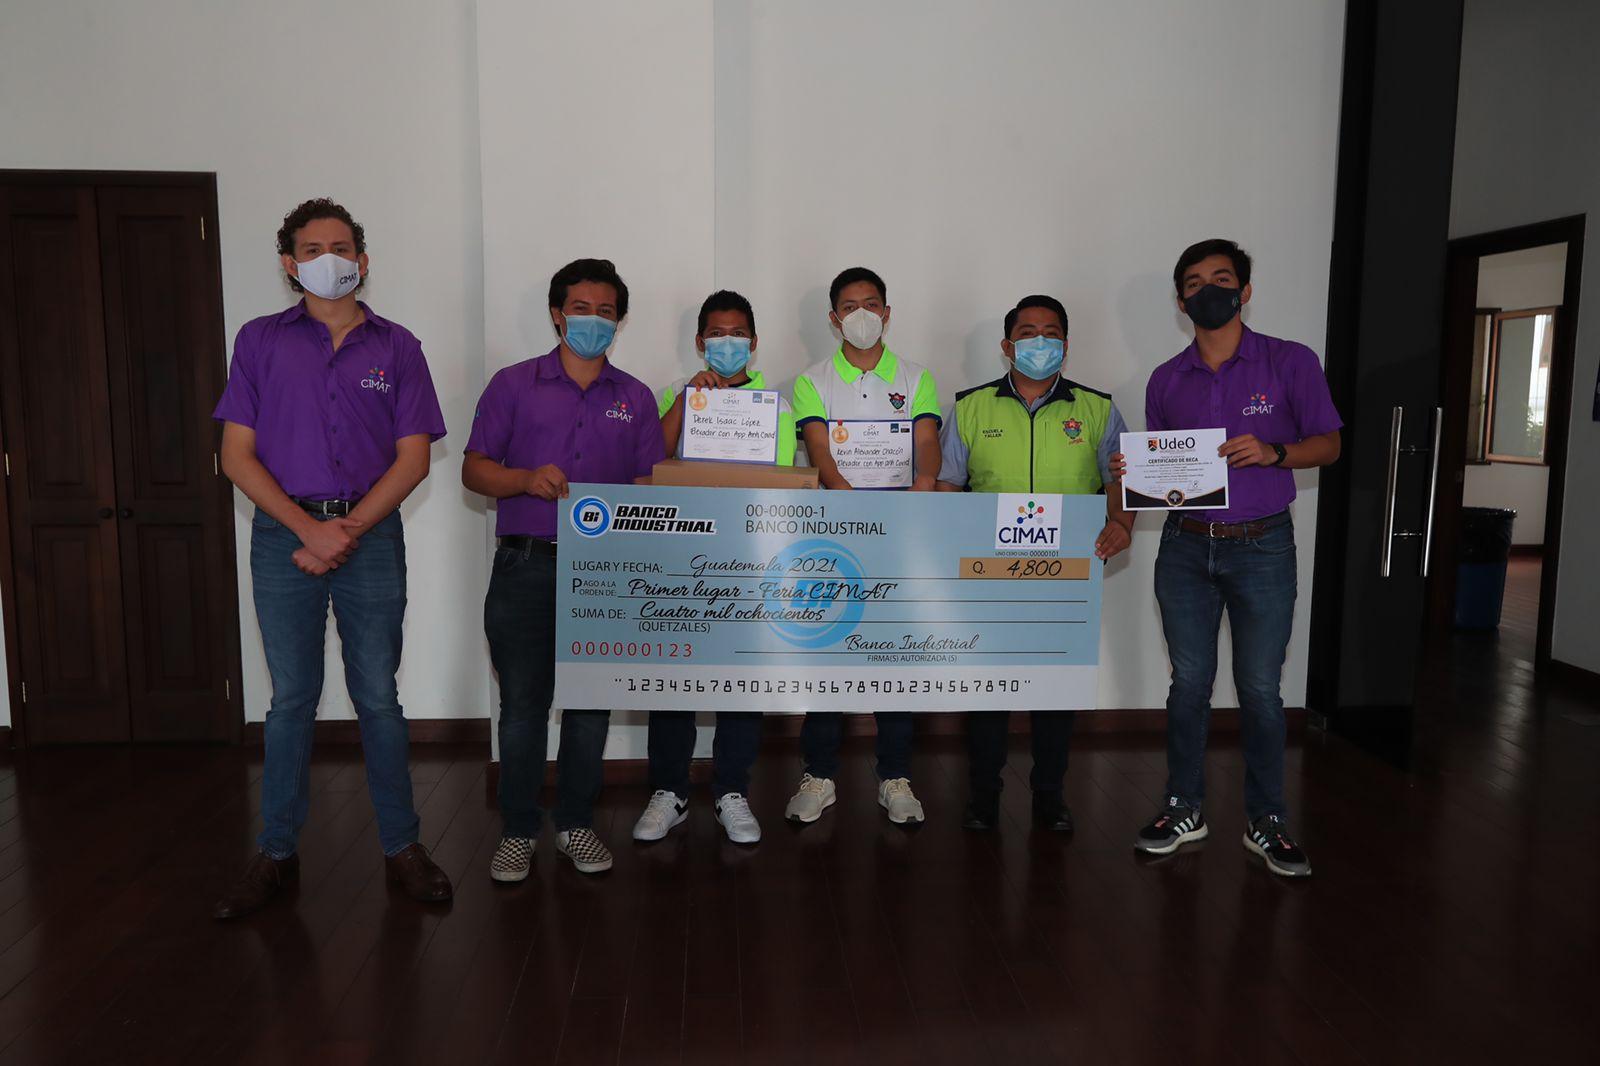 Adolescentes guatemaltecos crean soluciones para detener la propagación del covid-19, reducir la contaminación, facilitar las matemáticas y la expresión creativa